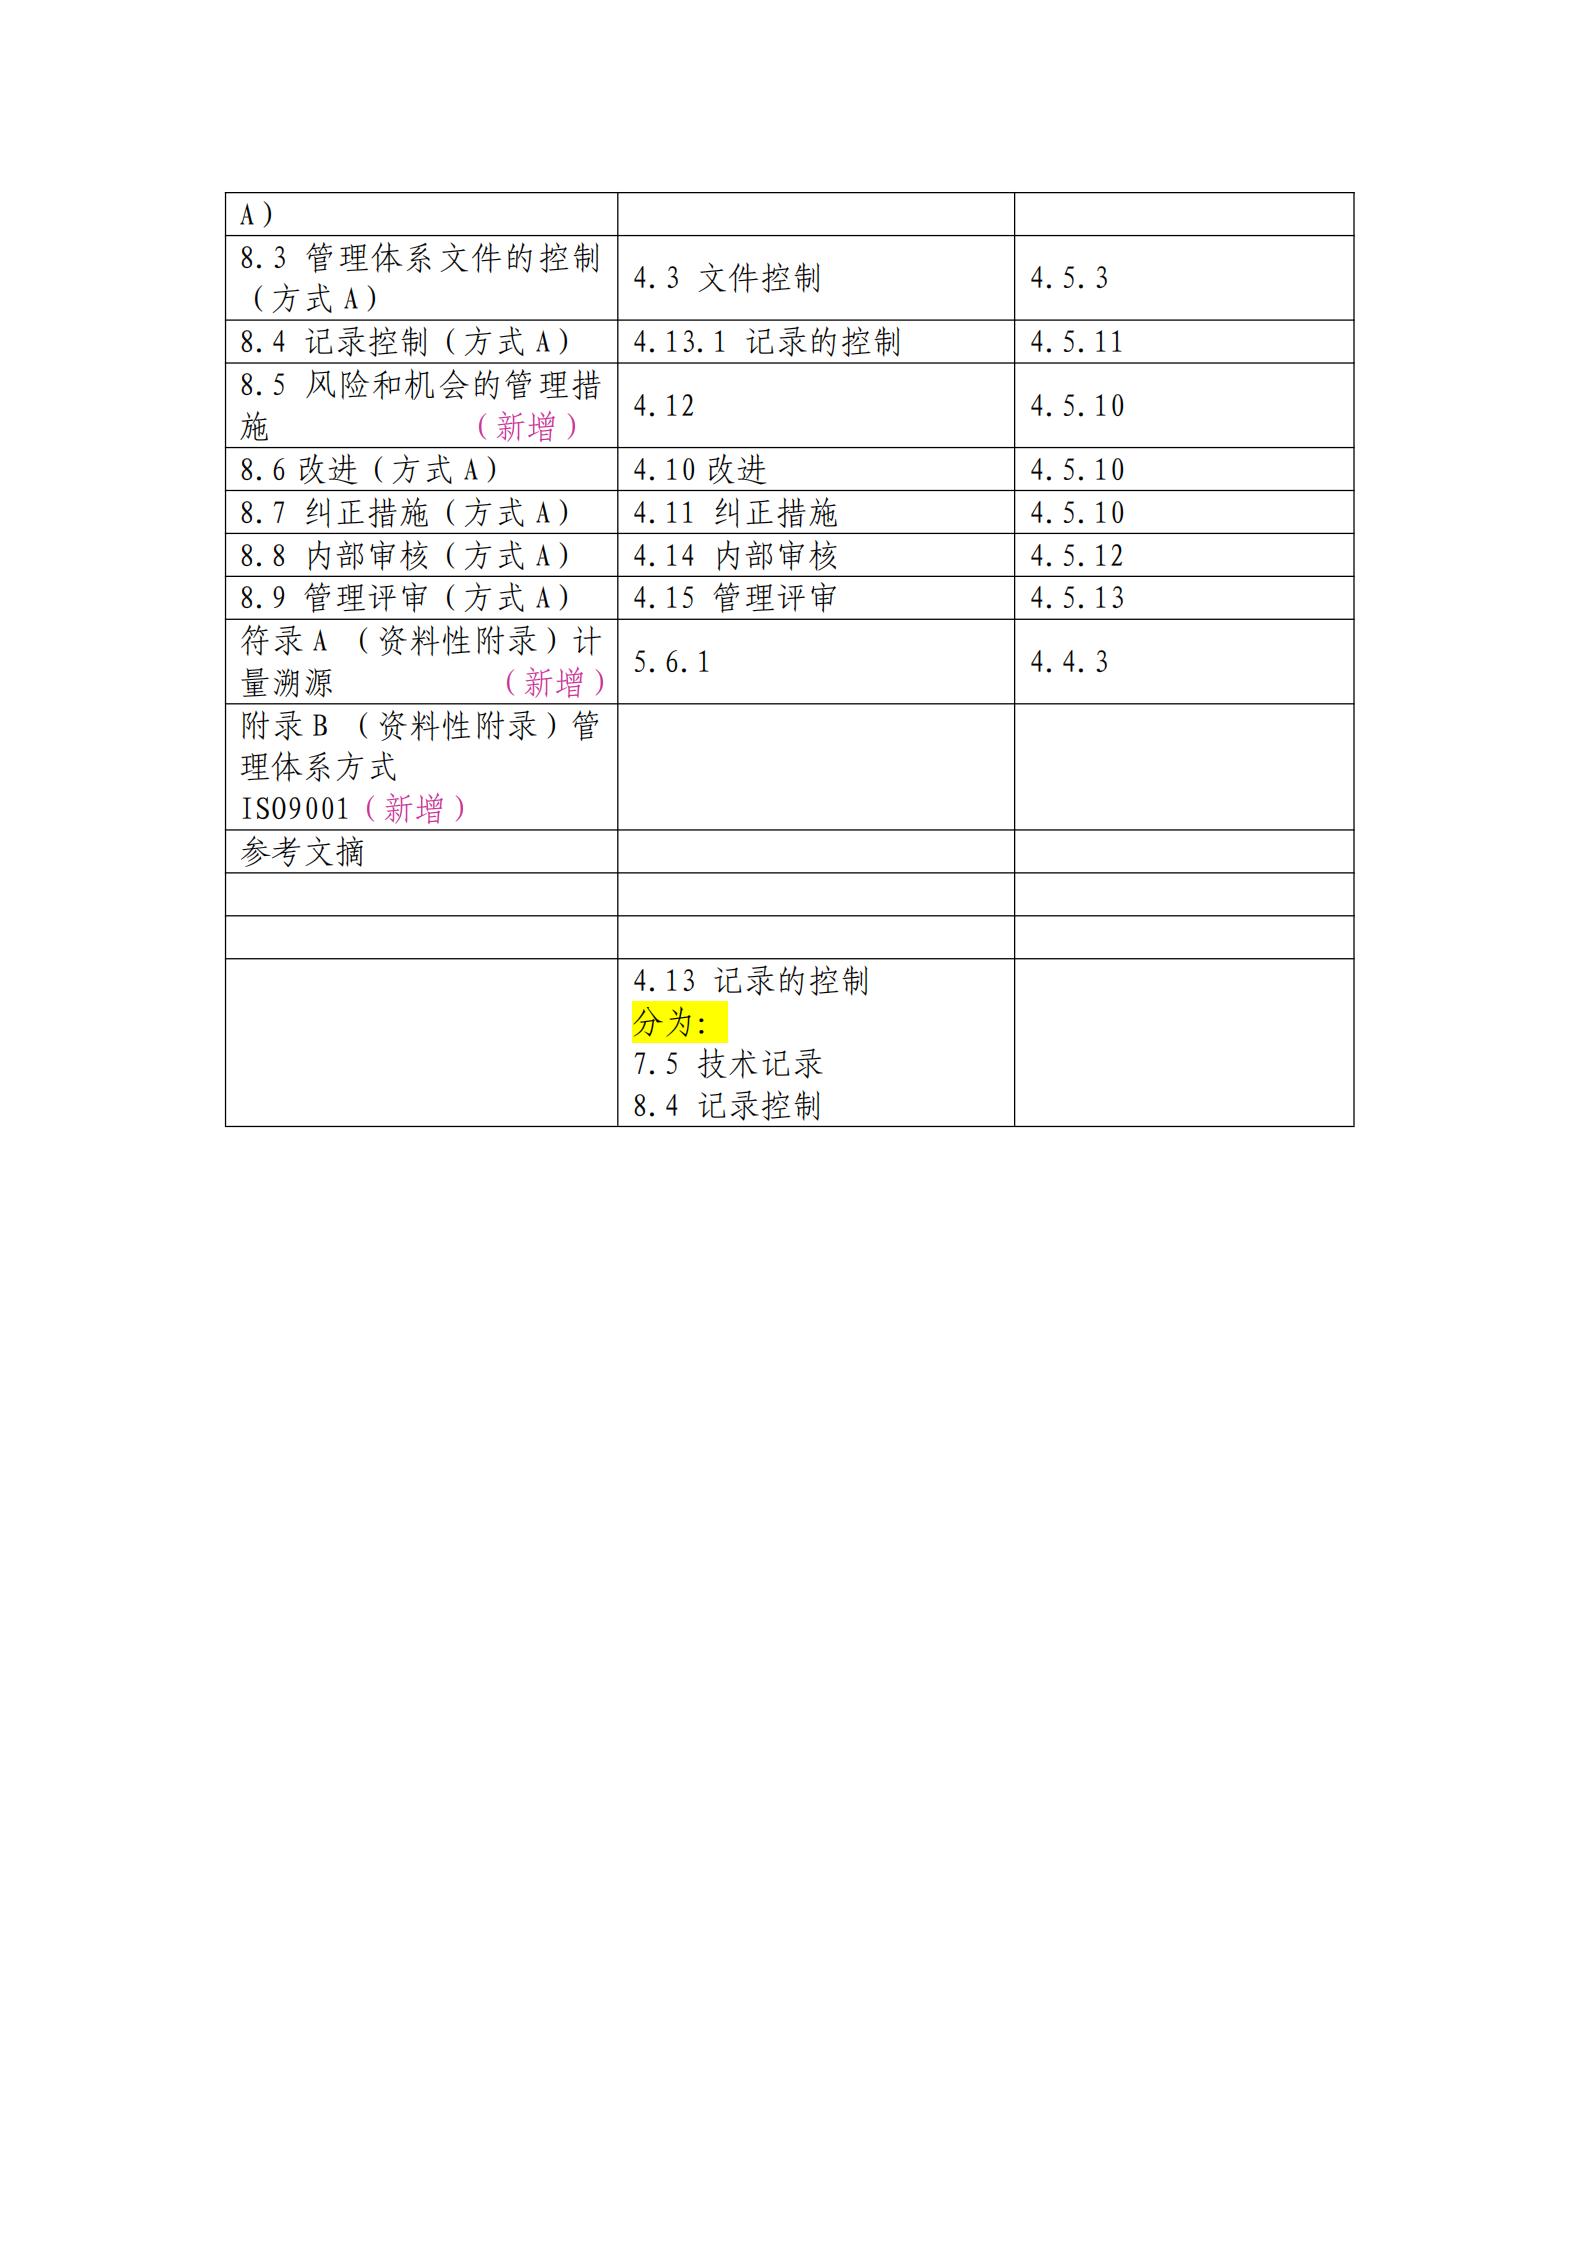 20170903新旧CL01、资质认定准则对照表_01.png